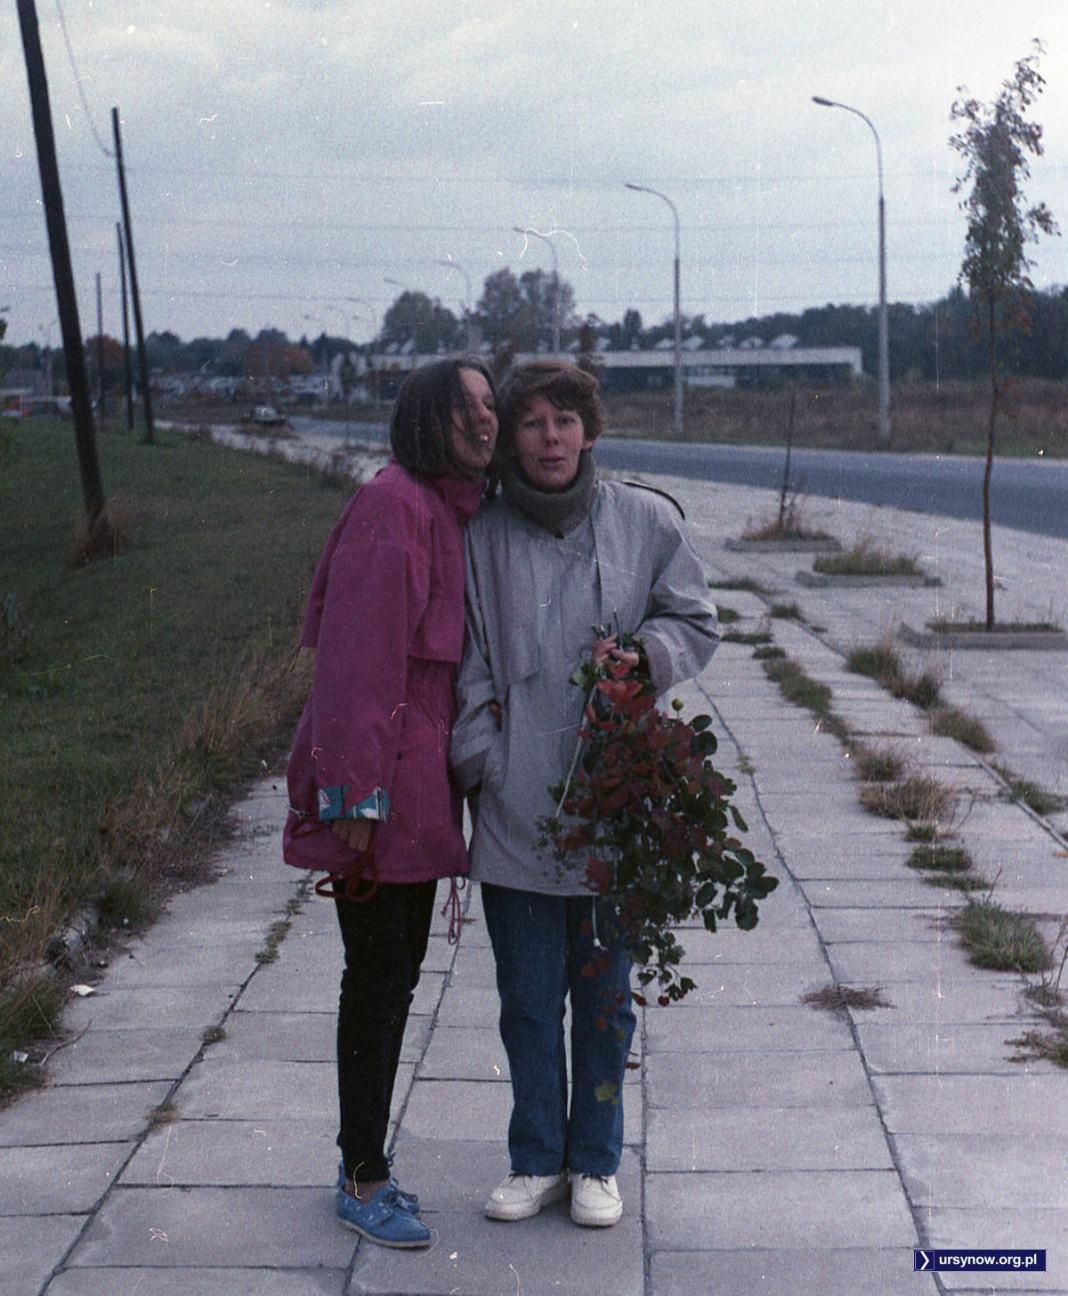 Jesienny obrazek z pustej jeszcze ulicy Kiedacza. Po prawej stronie nie wyrosły jeszcze segmenty. Fot. Andrzej Kubik